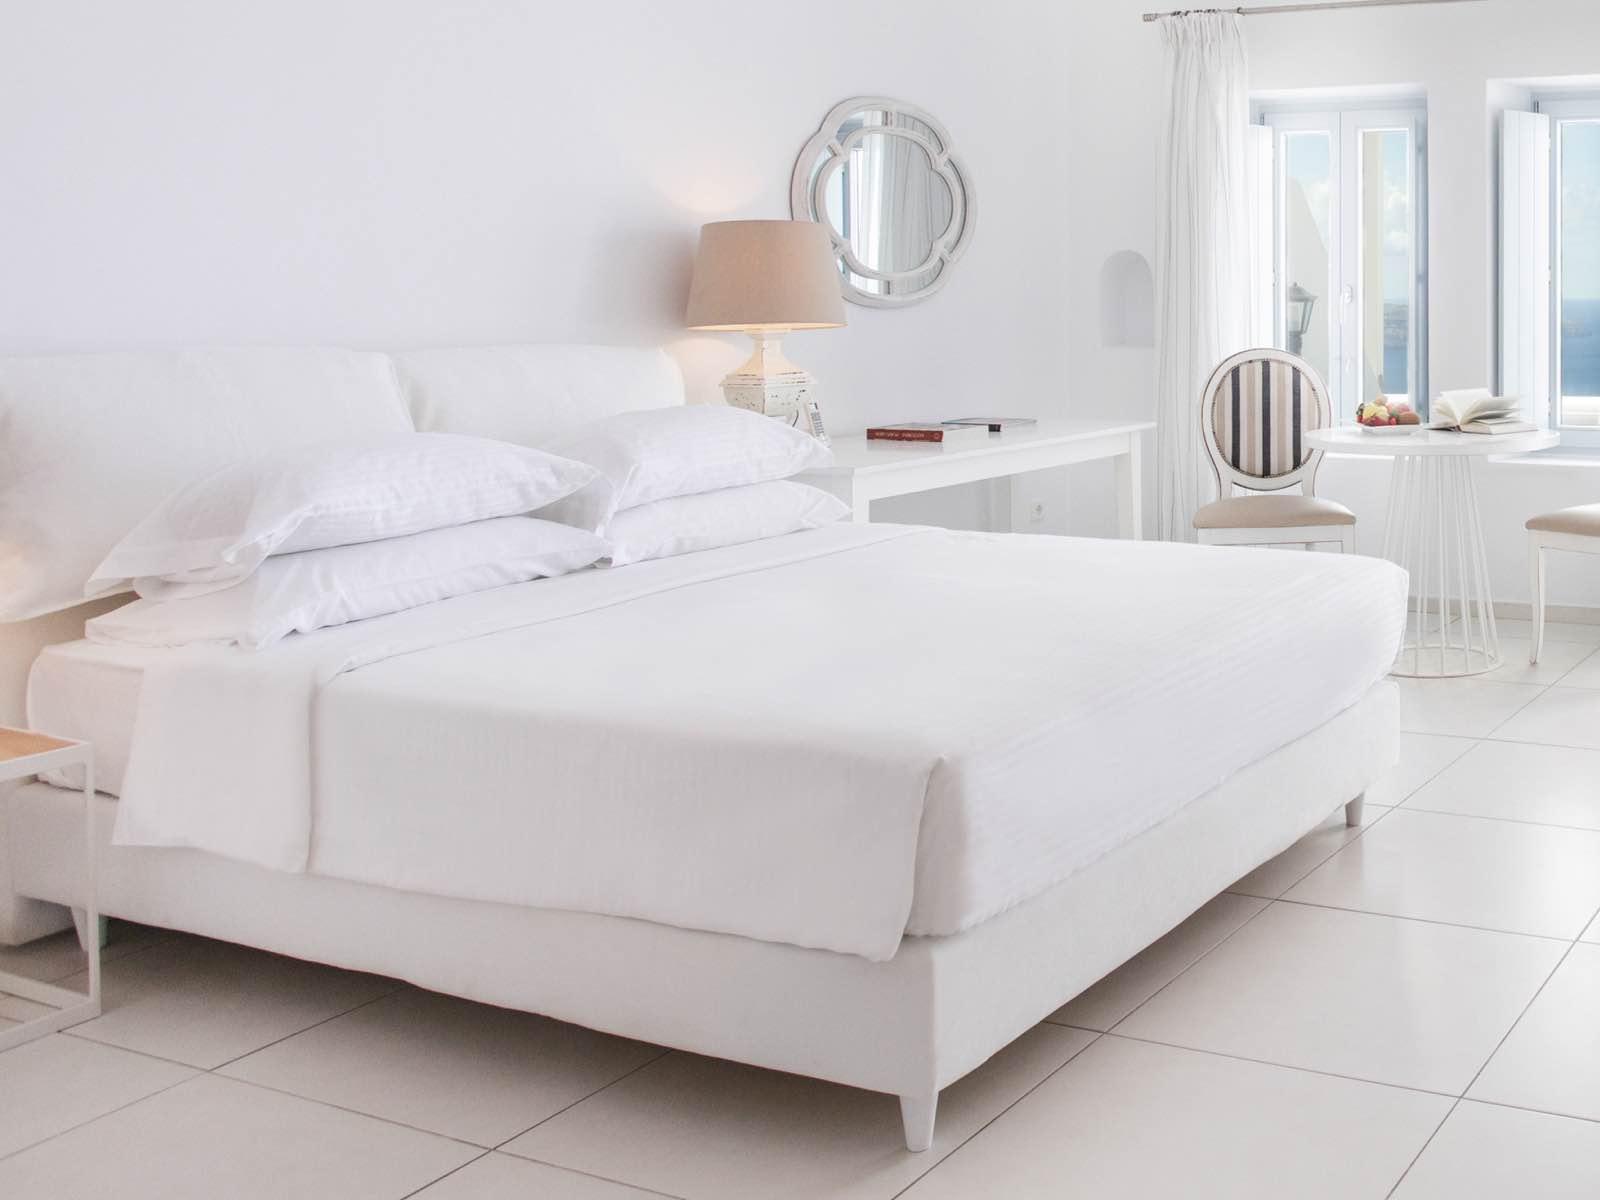 Lilium Hotel Santorini - Best Hotels In Santorini